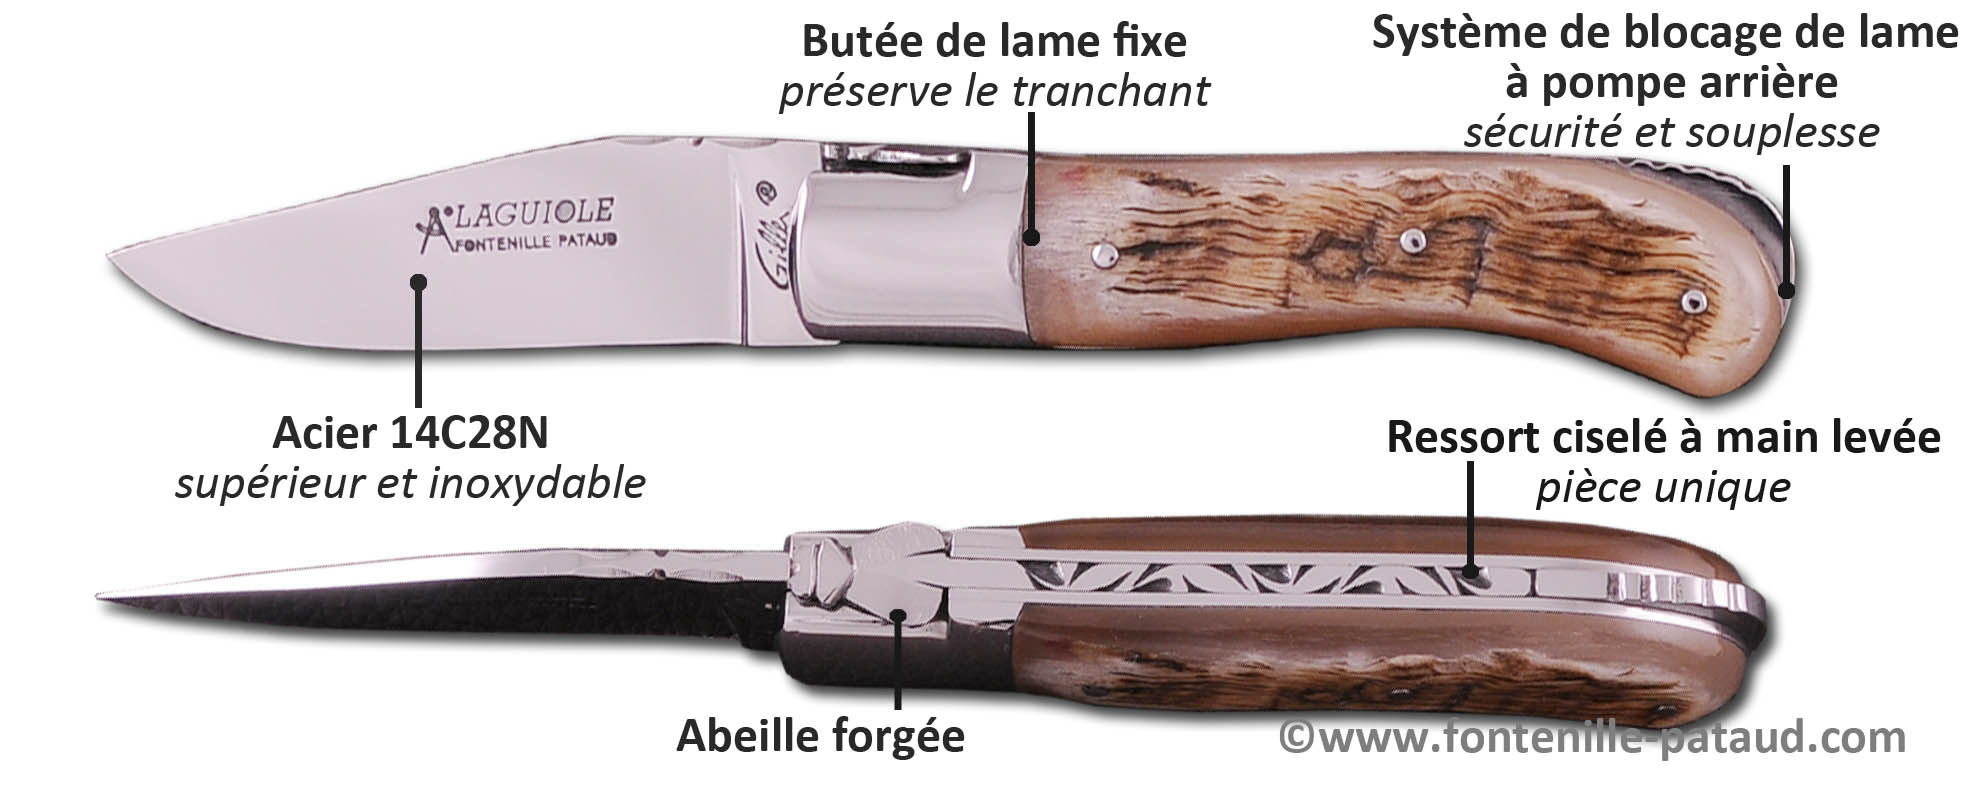 Couteau Laguiole Gentleman 10.5cm, couteau Laguiole discret mais robuste